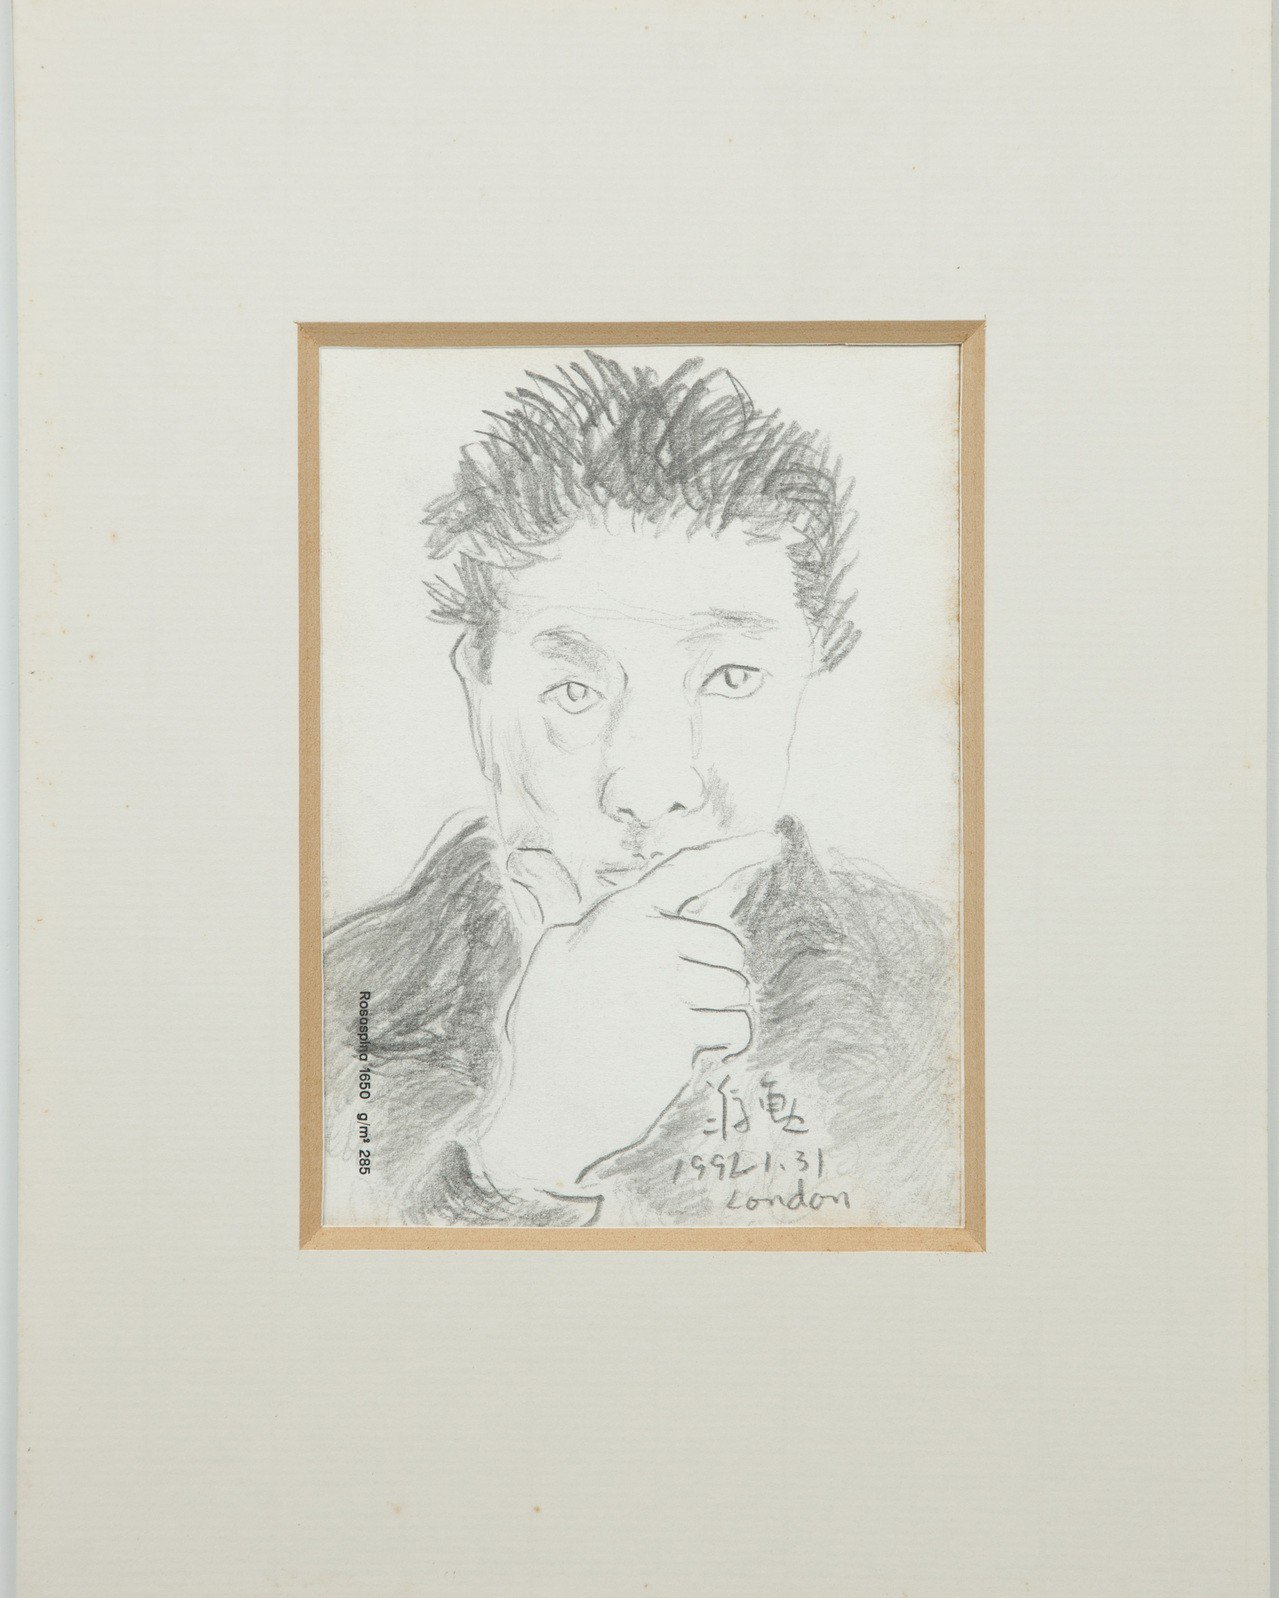 蔣勳《自畫像》1992, 水墨設色紙本;台灣好基金會提供。